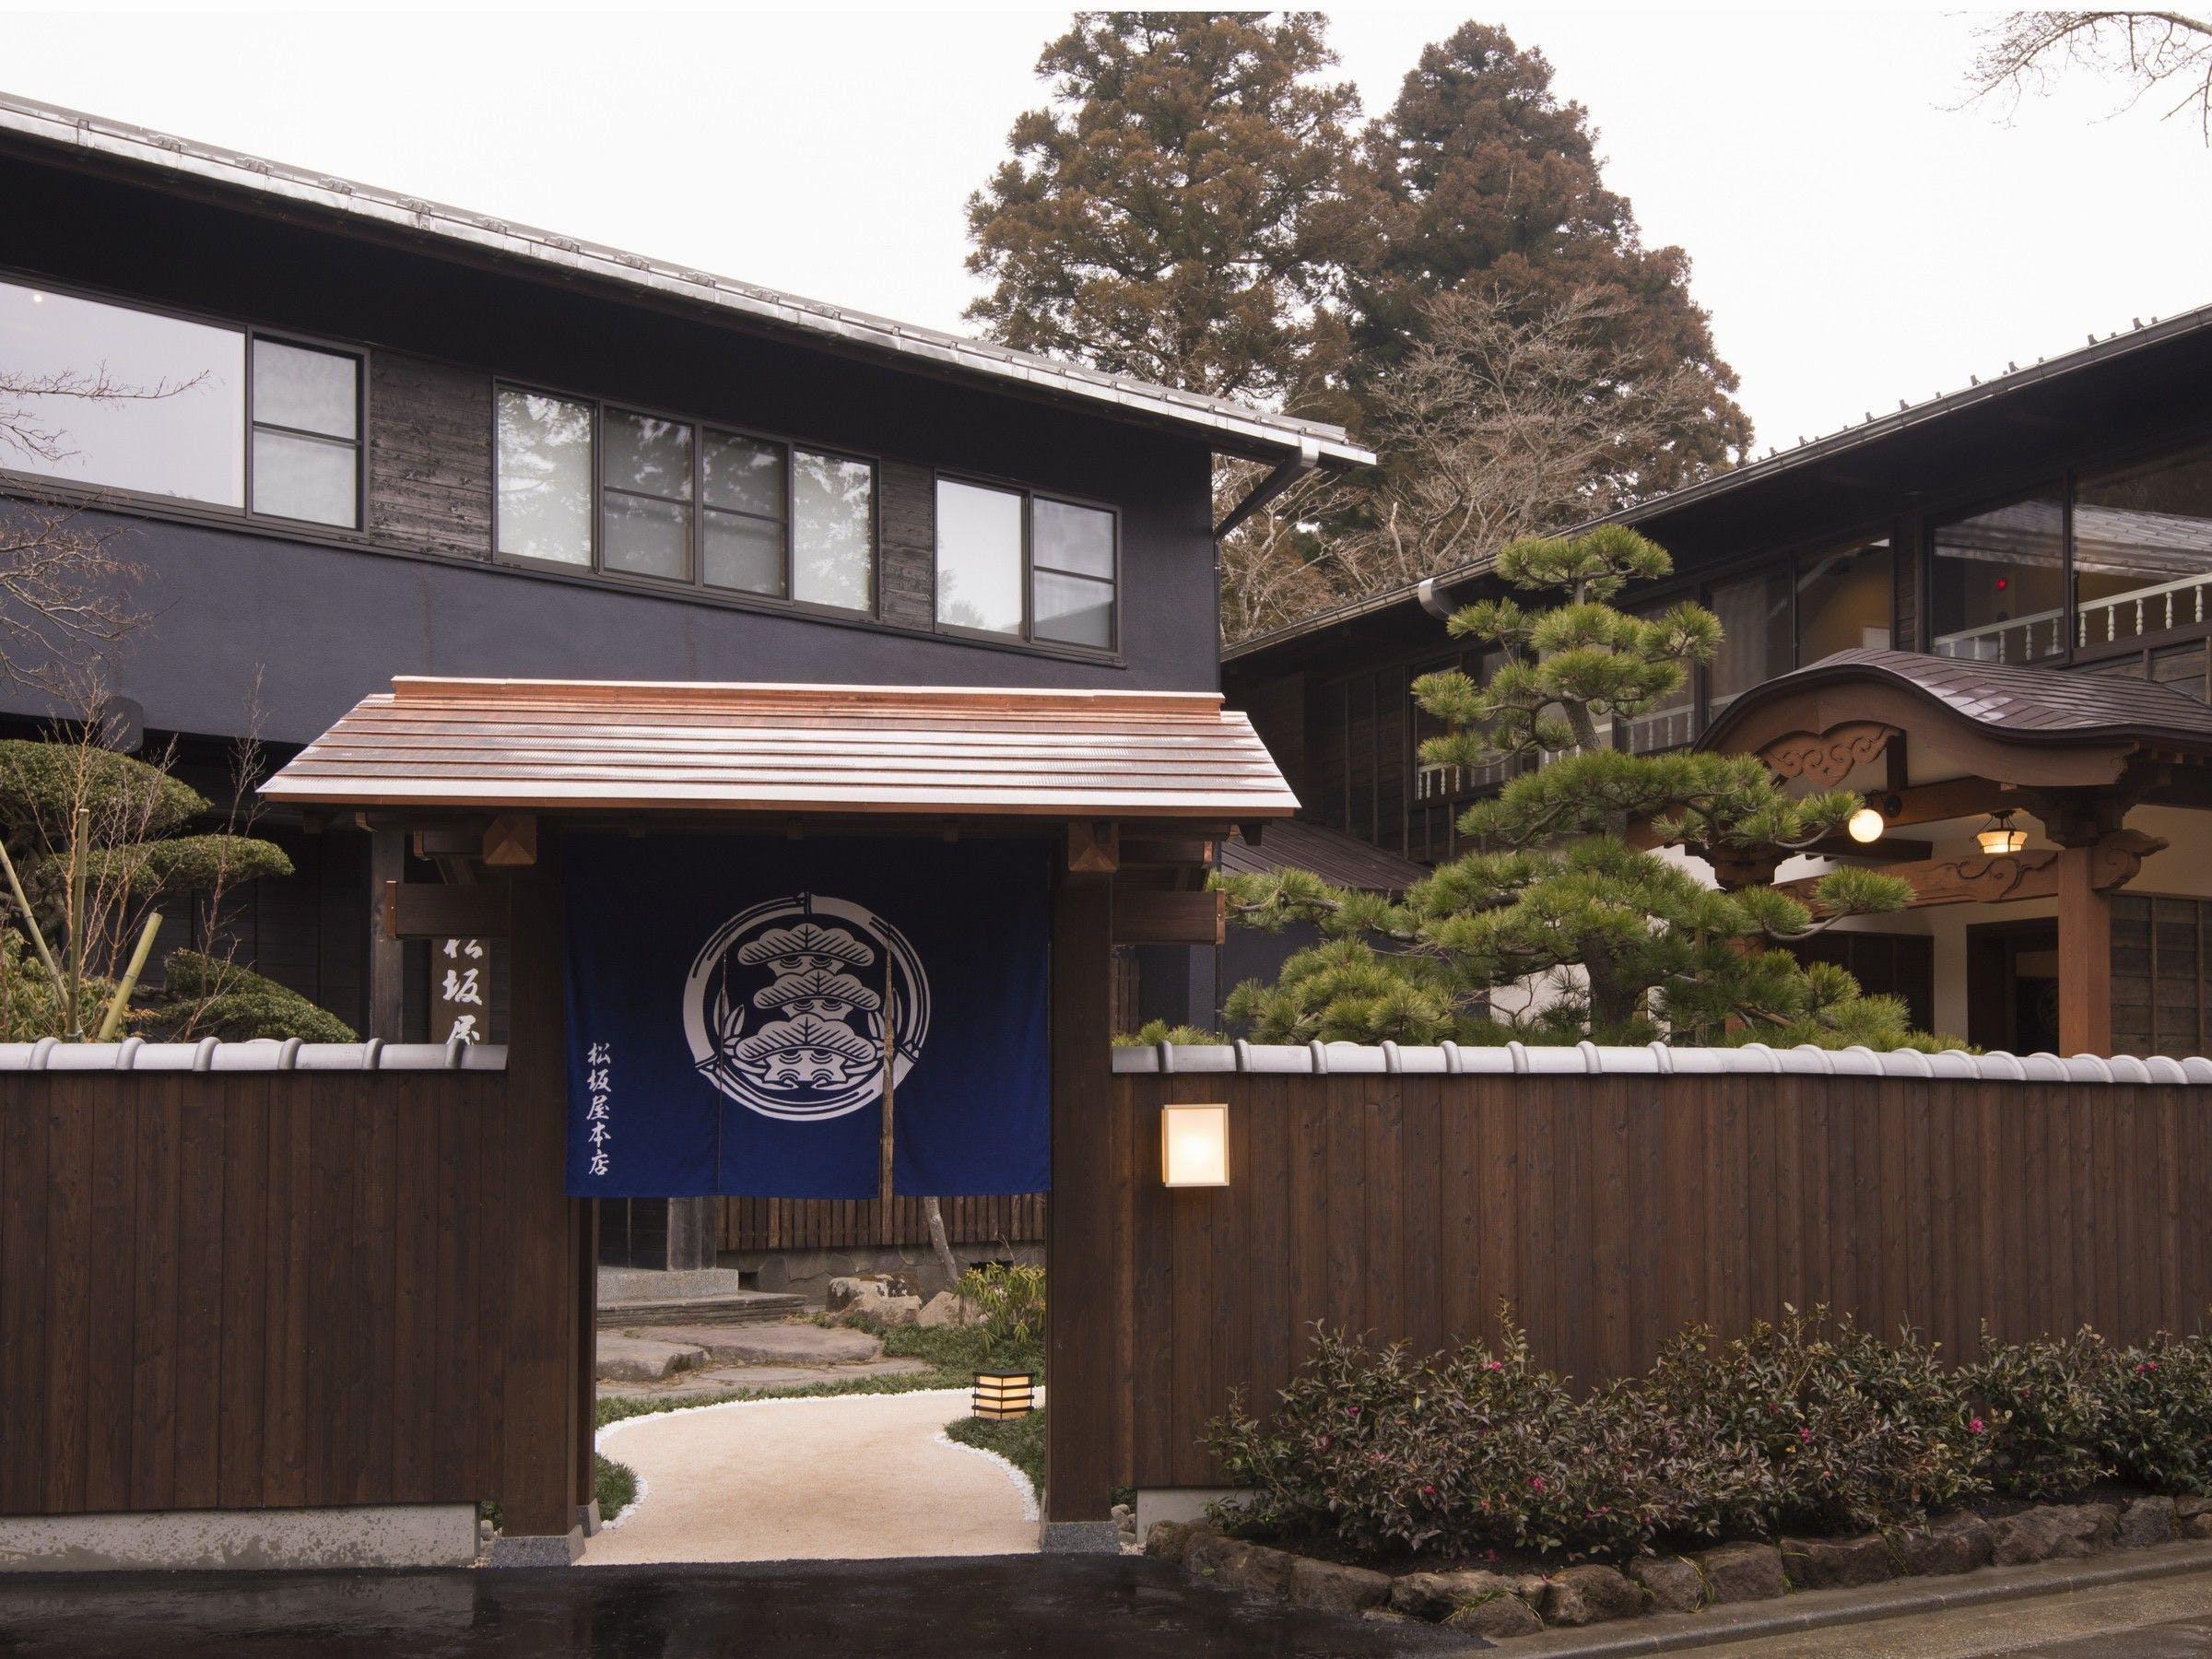 箱根の名湯 松坂屋本店  いま蘇る、箱根の歴史 写真1